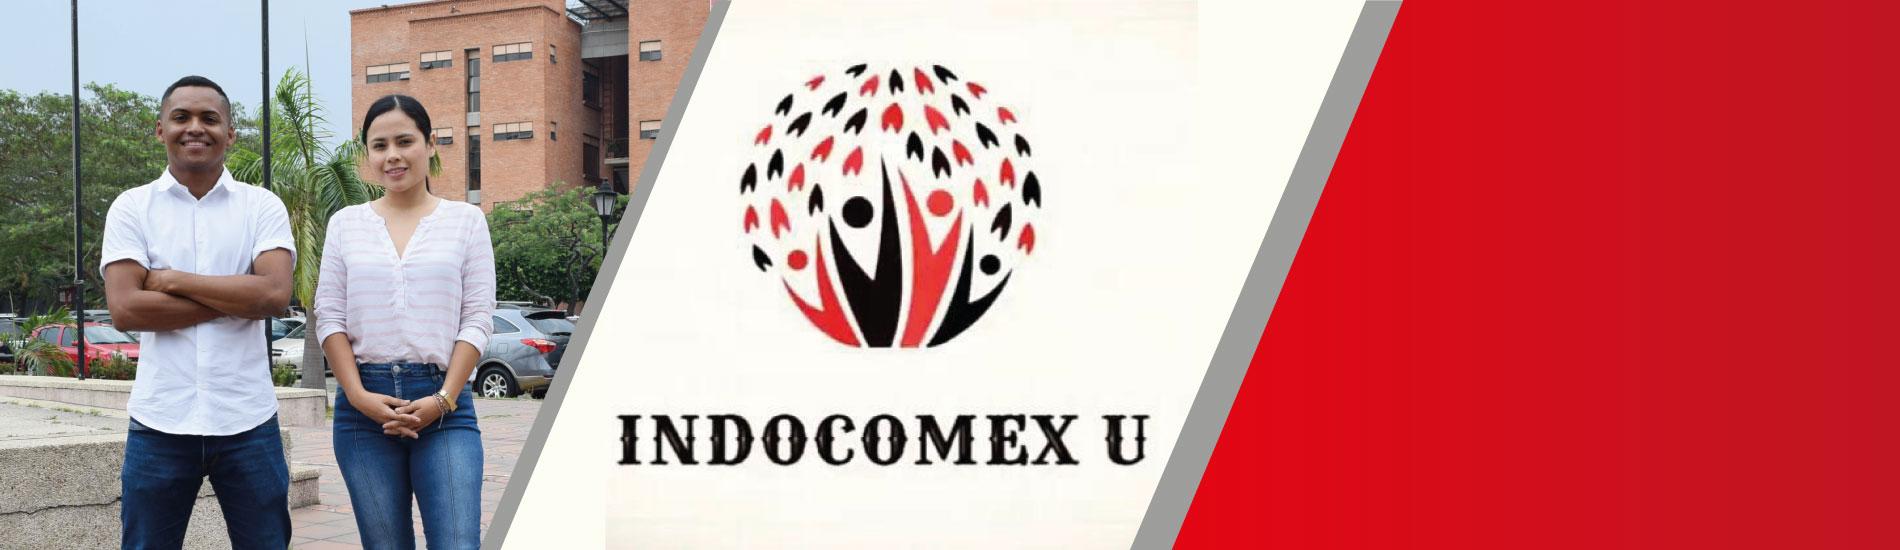 Estudiantes UFPS diseñaron INDOCOMEX U, software académico para Comercio Internacional